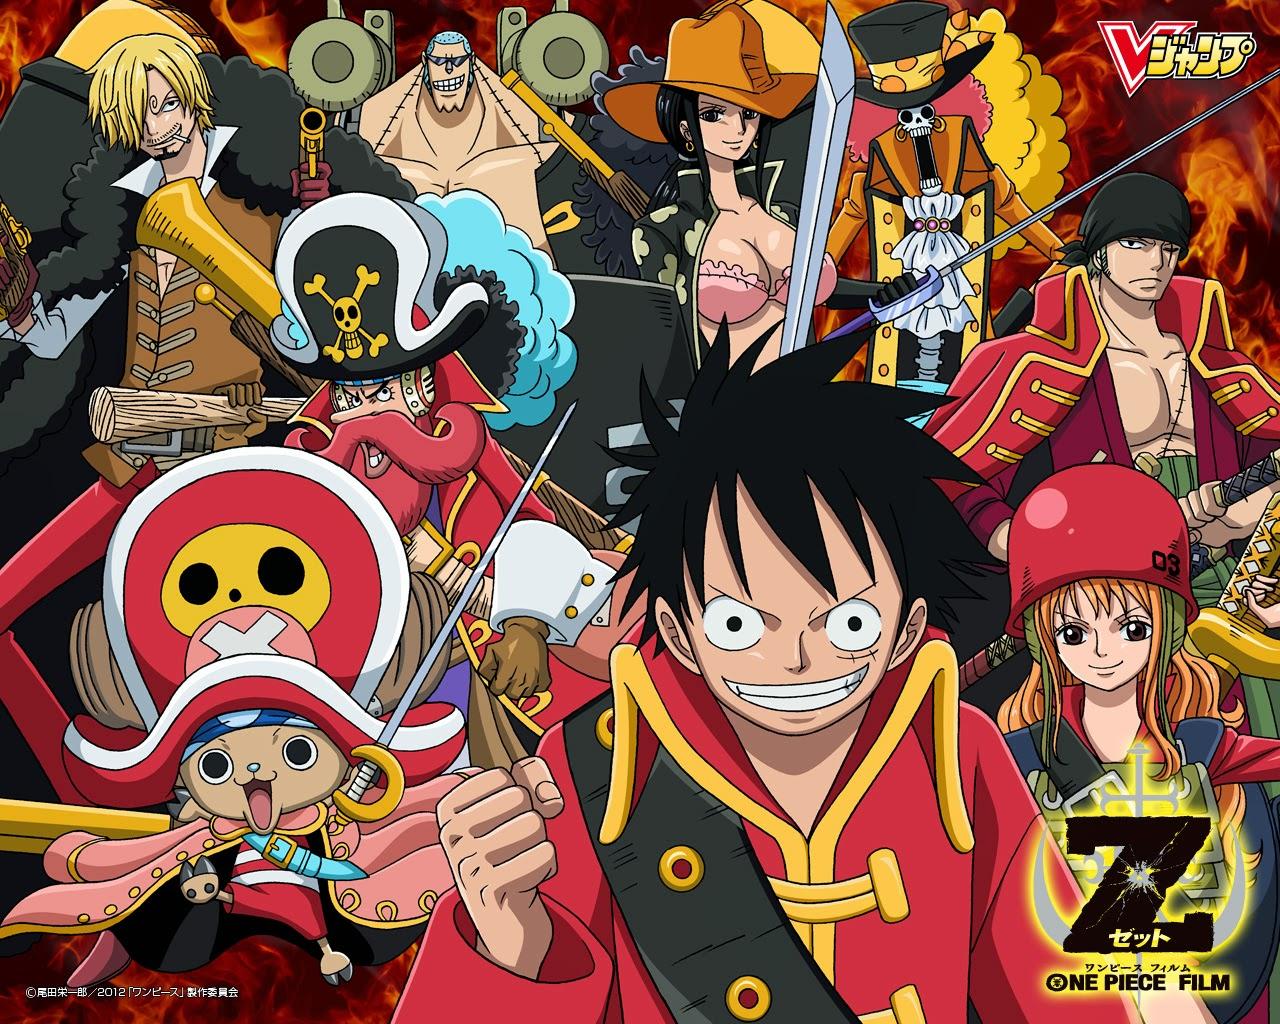 افلام انمي فيلم One Piece Z